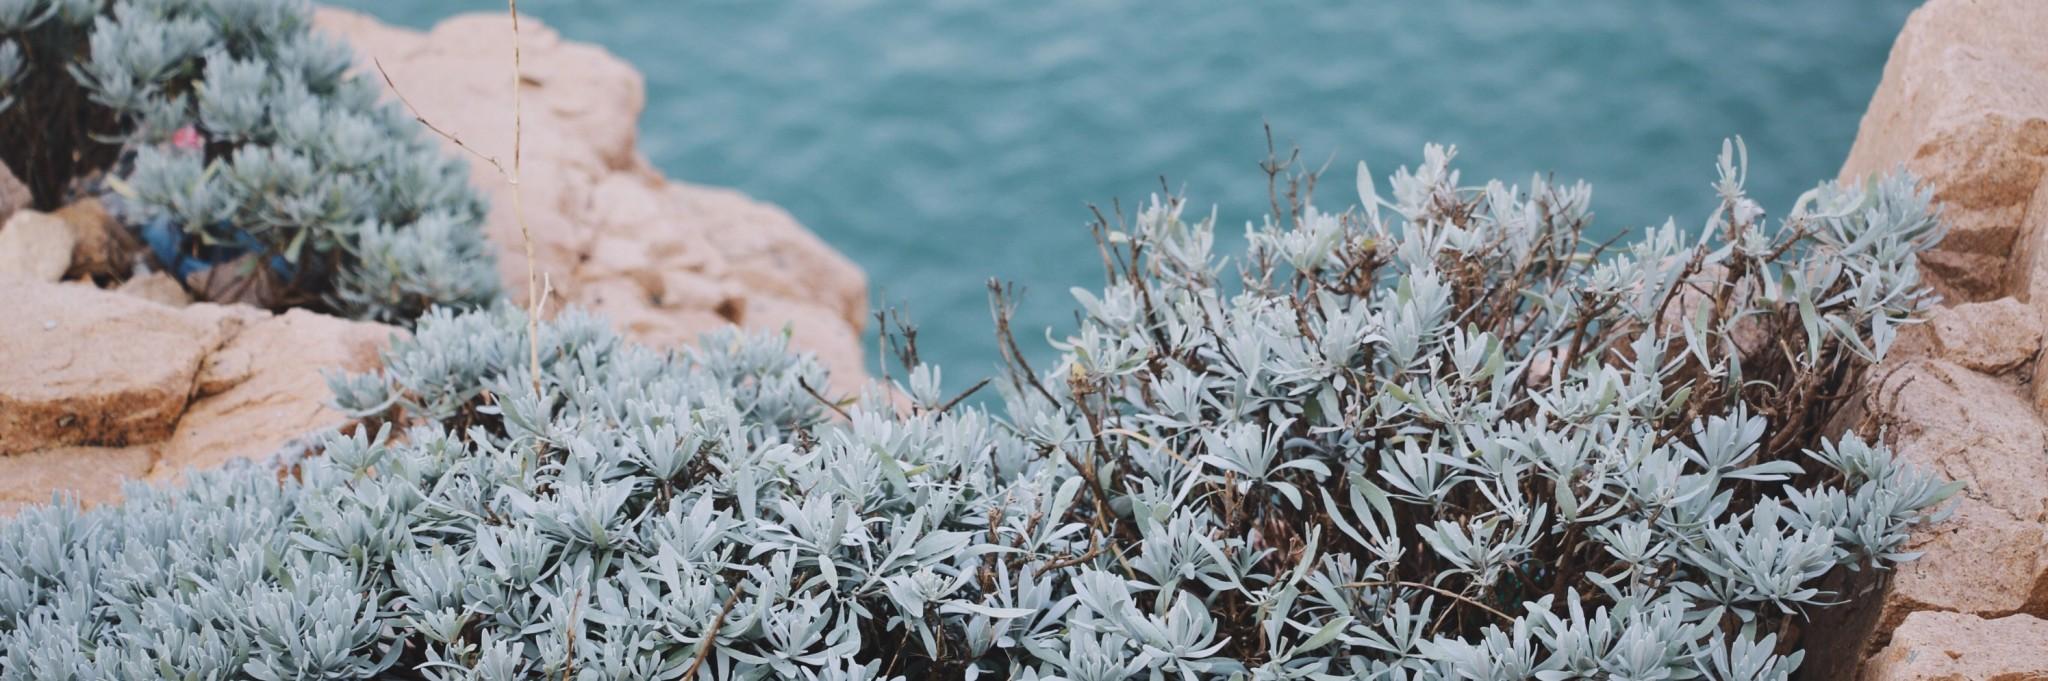 舟山东极岛之东福山岛 ——徒步环岛